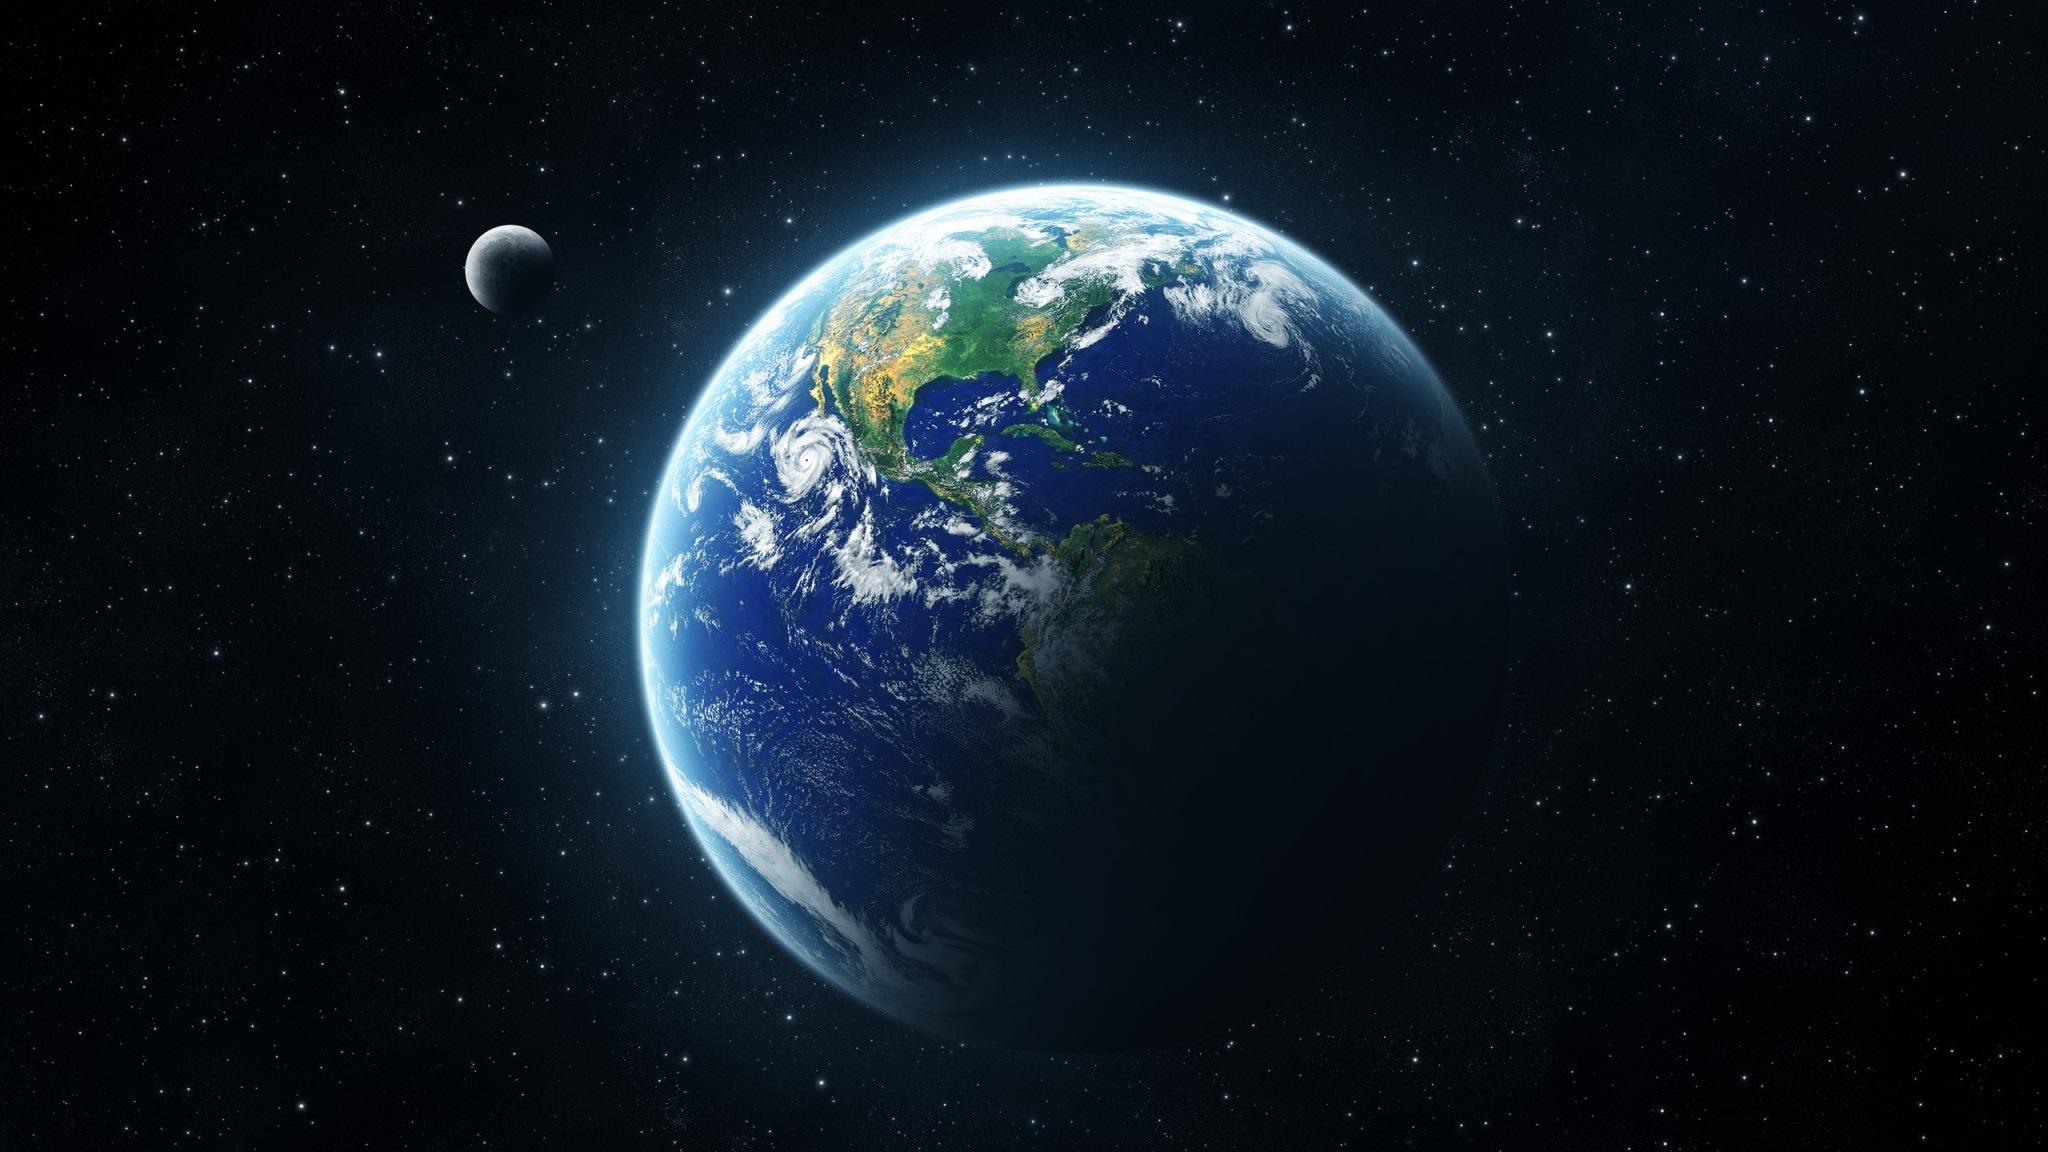 Imagens do planeta Terra em alta resolução